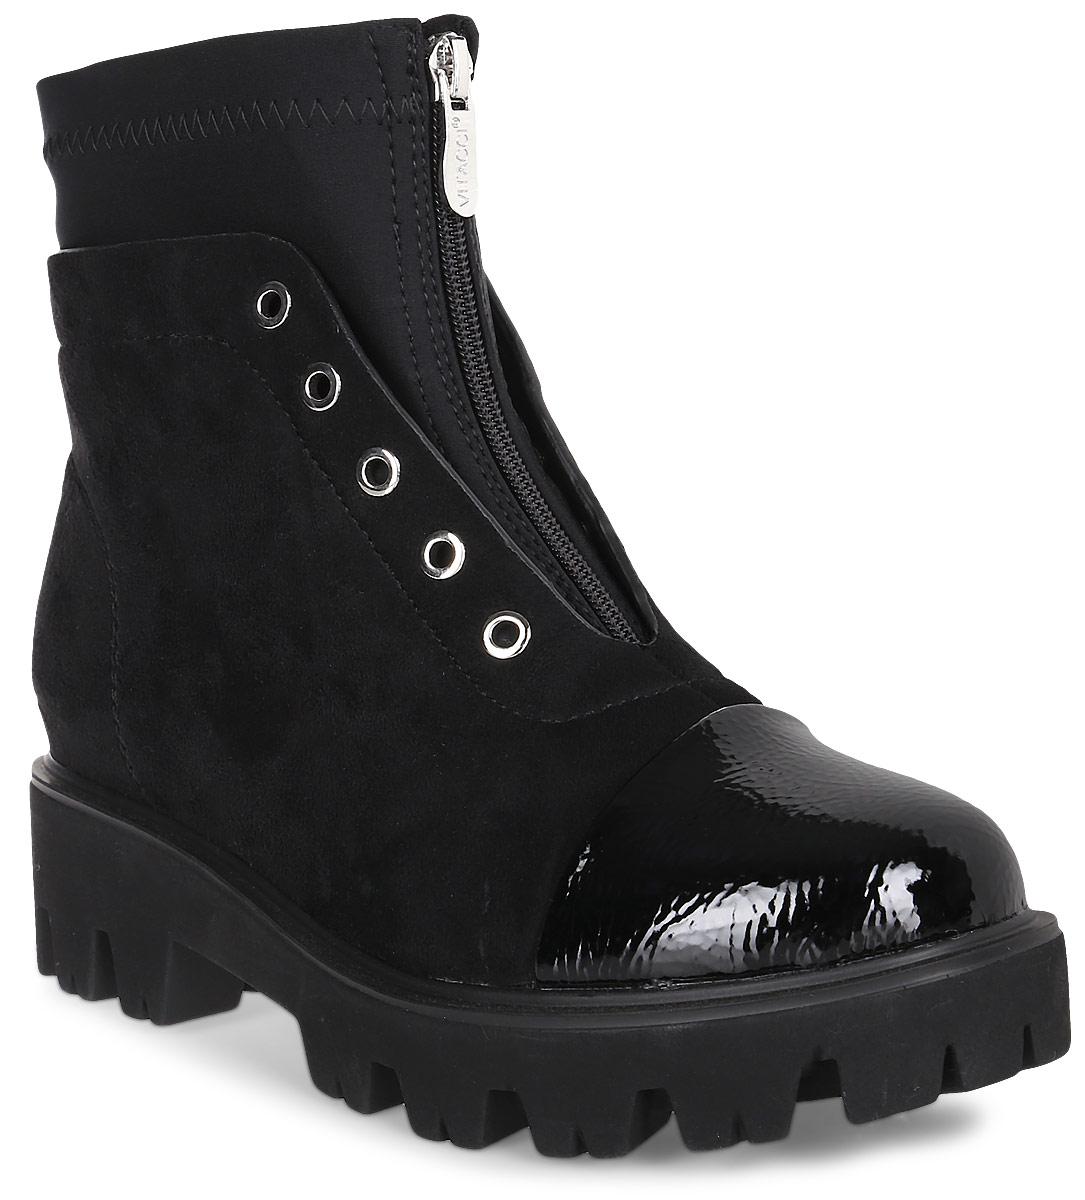 Ботинки женские Vitacci, цвет: черный. 83274-1. Размер 3883274-1Удобные женские ботинки от Vitacci изготовлены из качественной искусственной кожи. Ботинки дополнены декоративной шнуровкой и застежкой-молнией. Практичная стелька из ворсина обеспечит комфорт при носке. Подошва дополнена небольшим каблуком и рифлением.